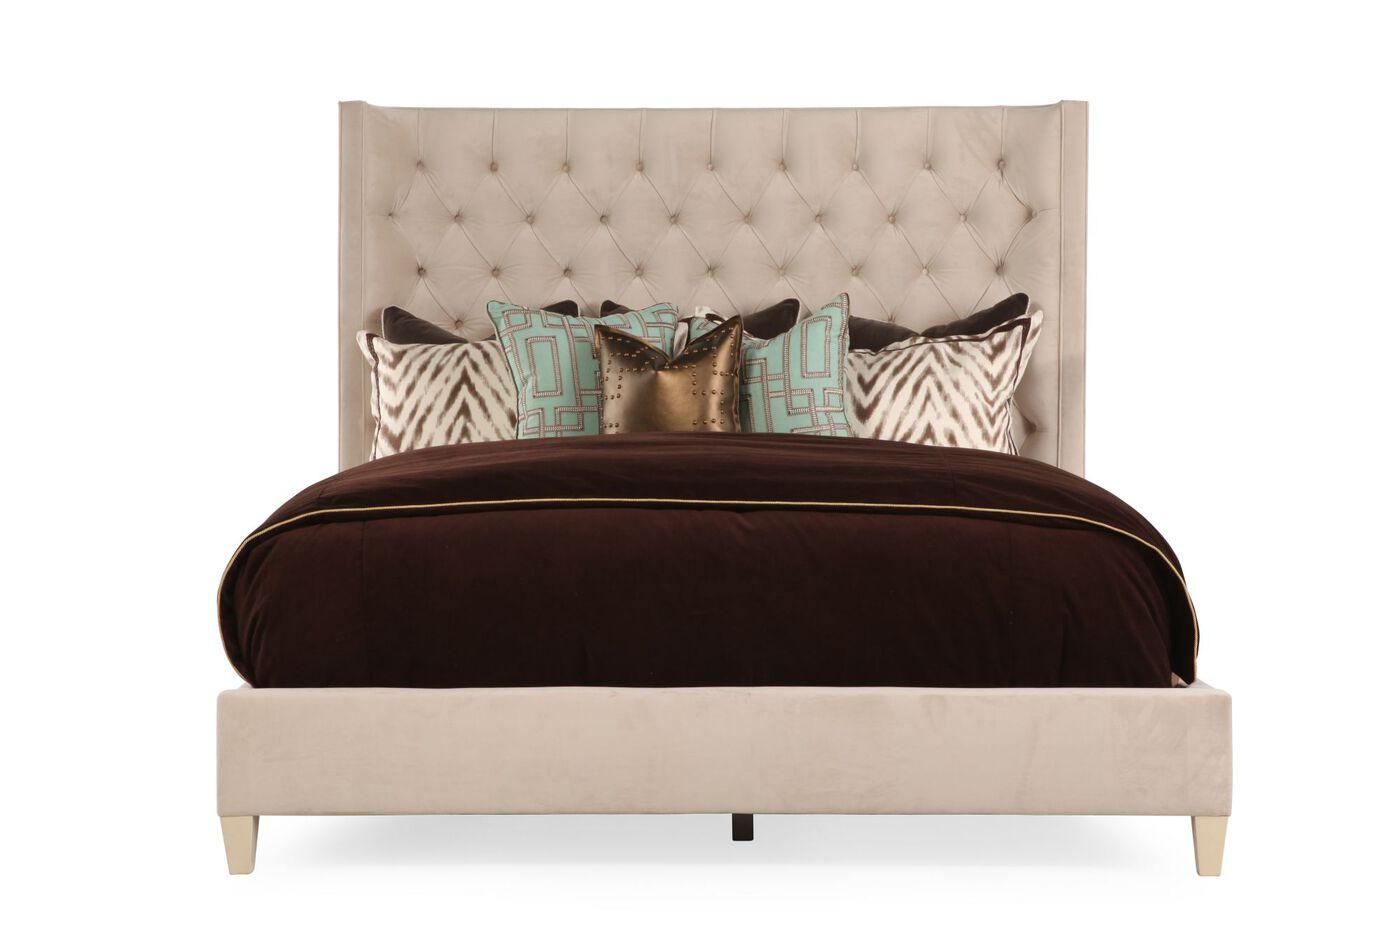 Bernhardt salon upholstered bed mathis brothers furniture for Bedroom furniture upholstered beds